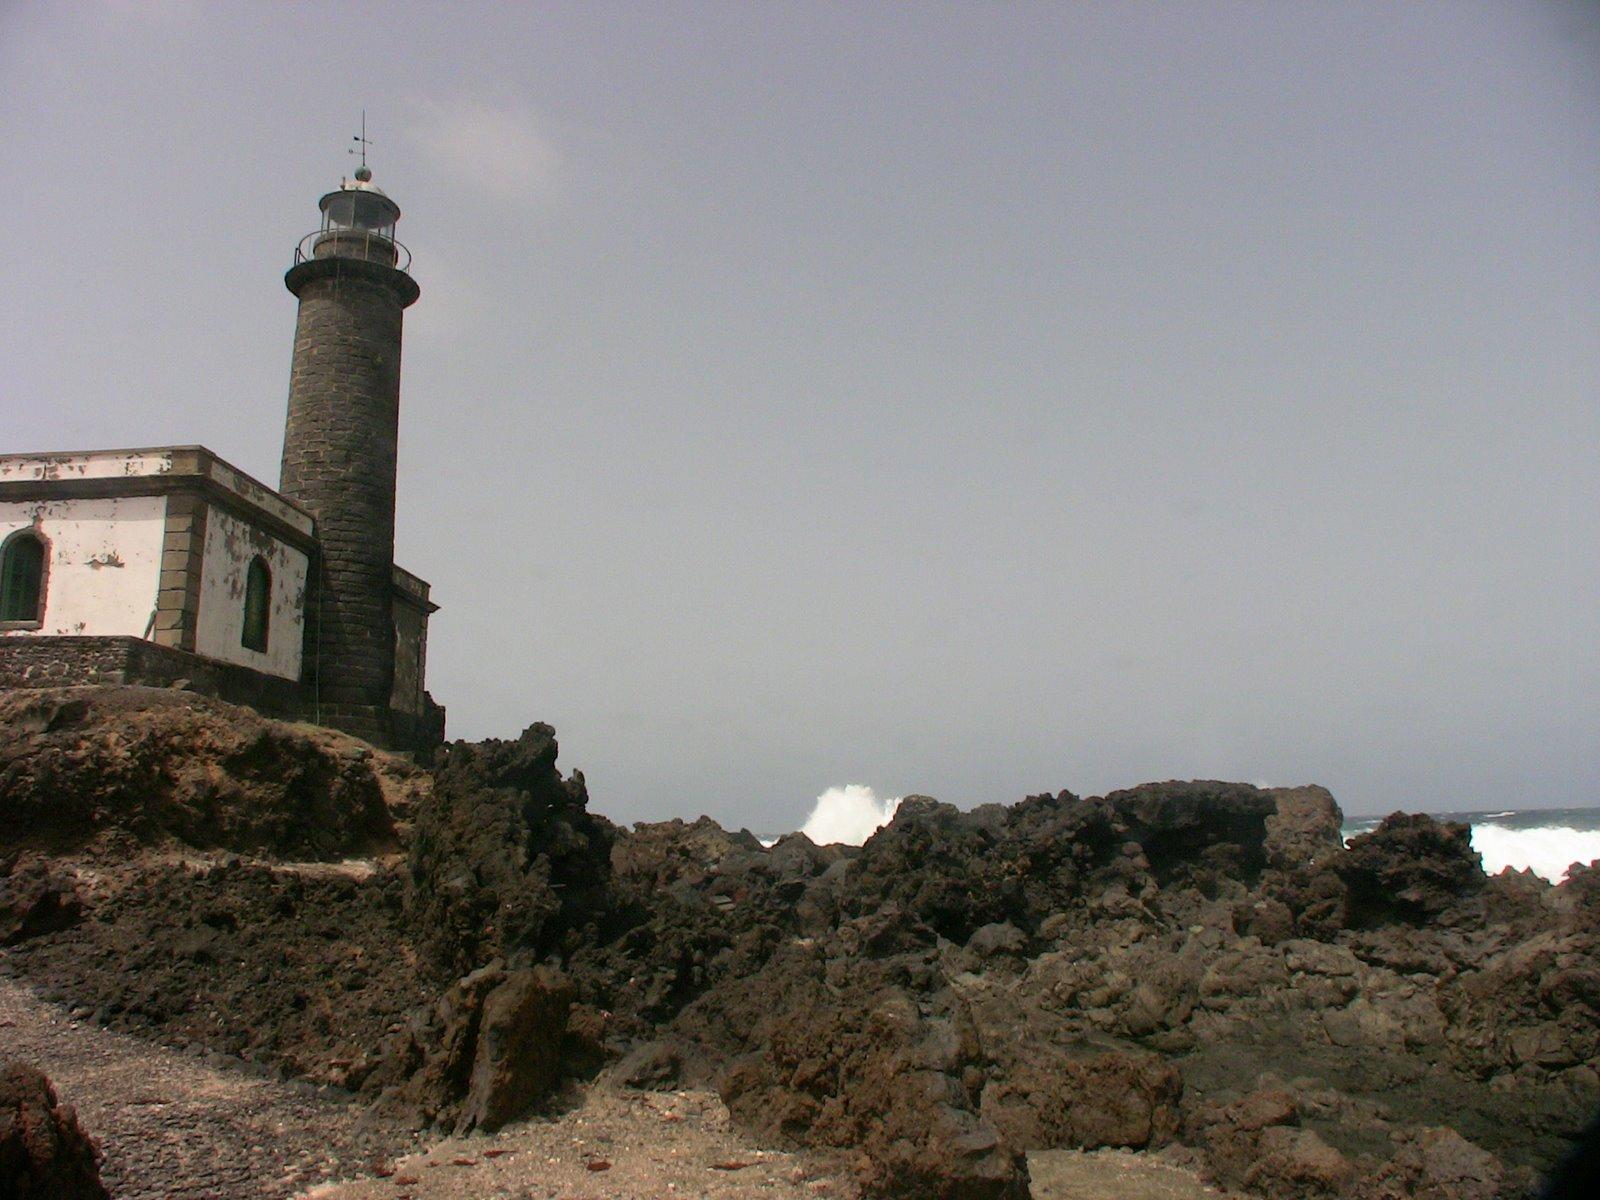 EE8AY - Faro de Punta Delgada